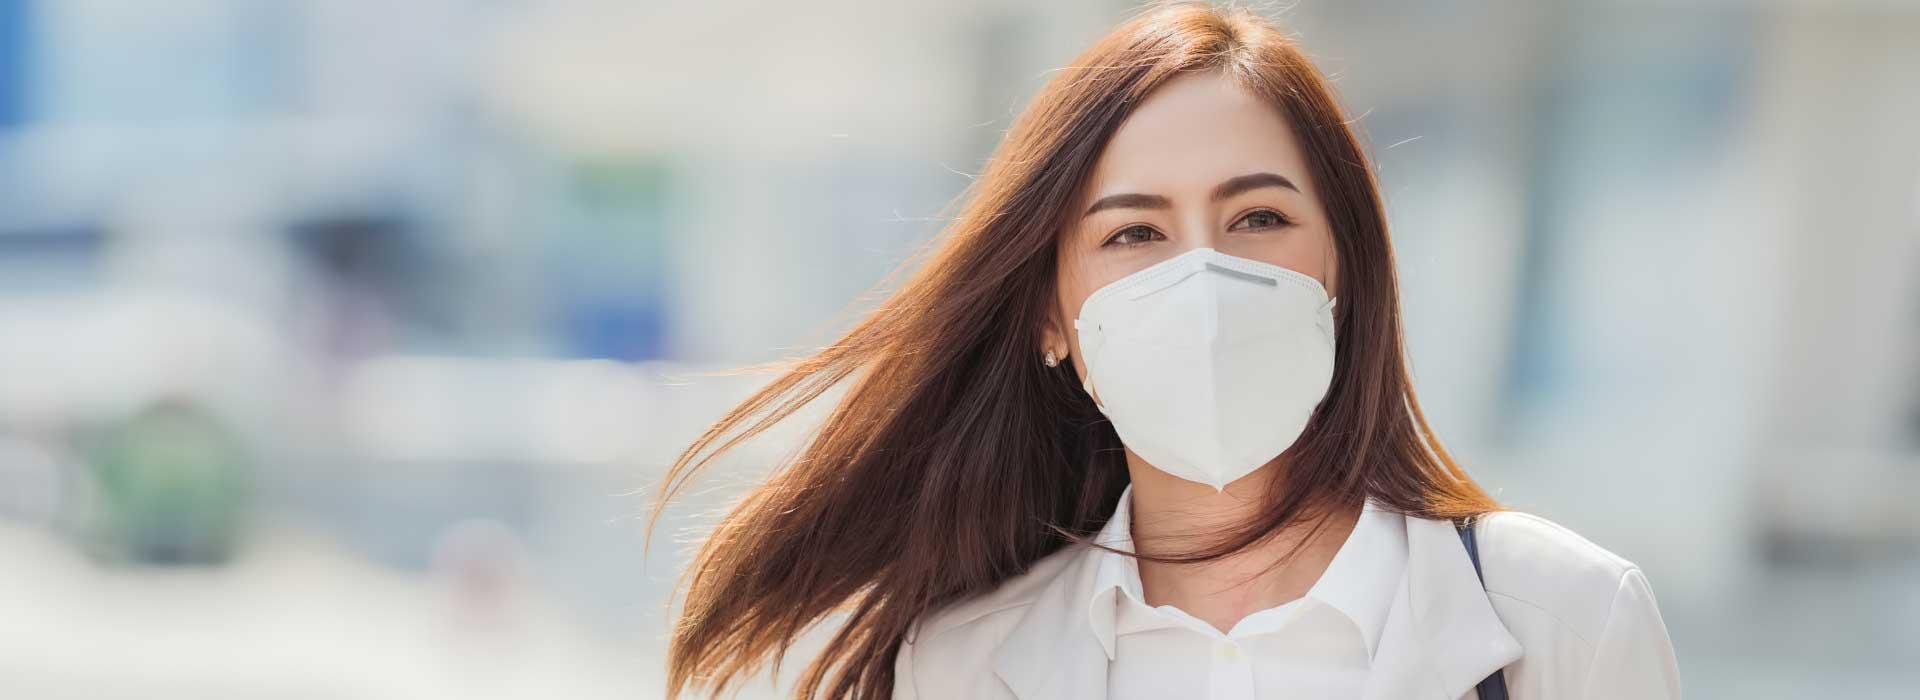 מוצרי הגנה מקורונה - מסכת נשימה לפנים